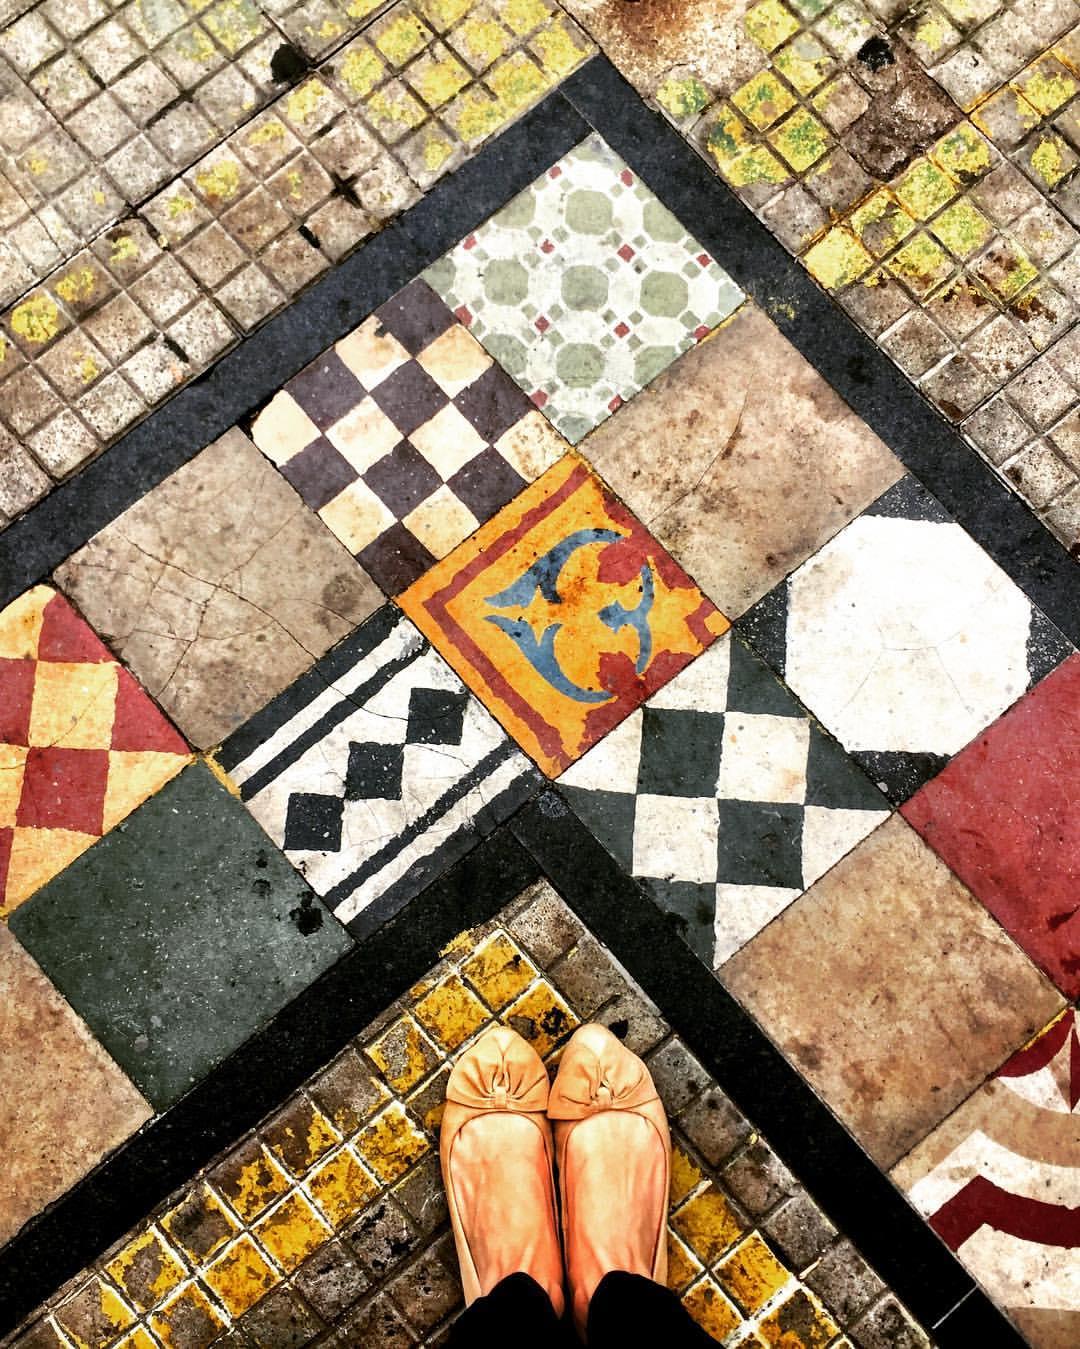 #paracegover A imagem mostra uma calçada decorada com azulejos hidráulicos coloridos, formando um ângulo reto. Meus pés aparecem no canto inferior, na base do triângulo. — at Boi lourdes.